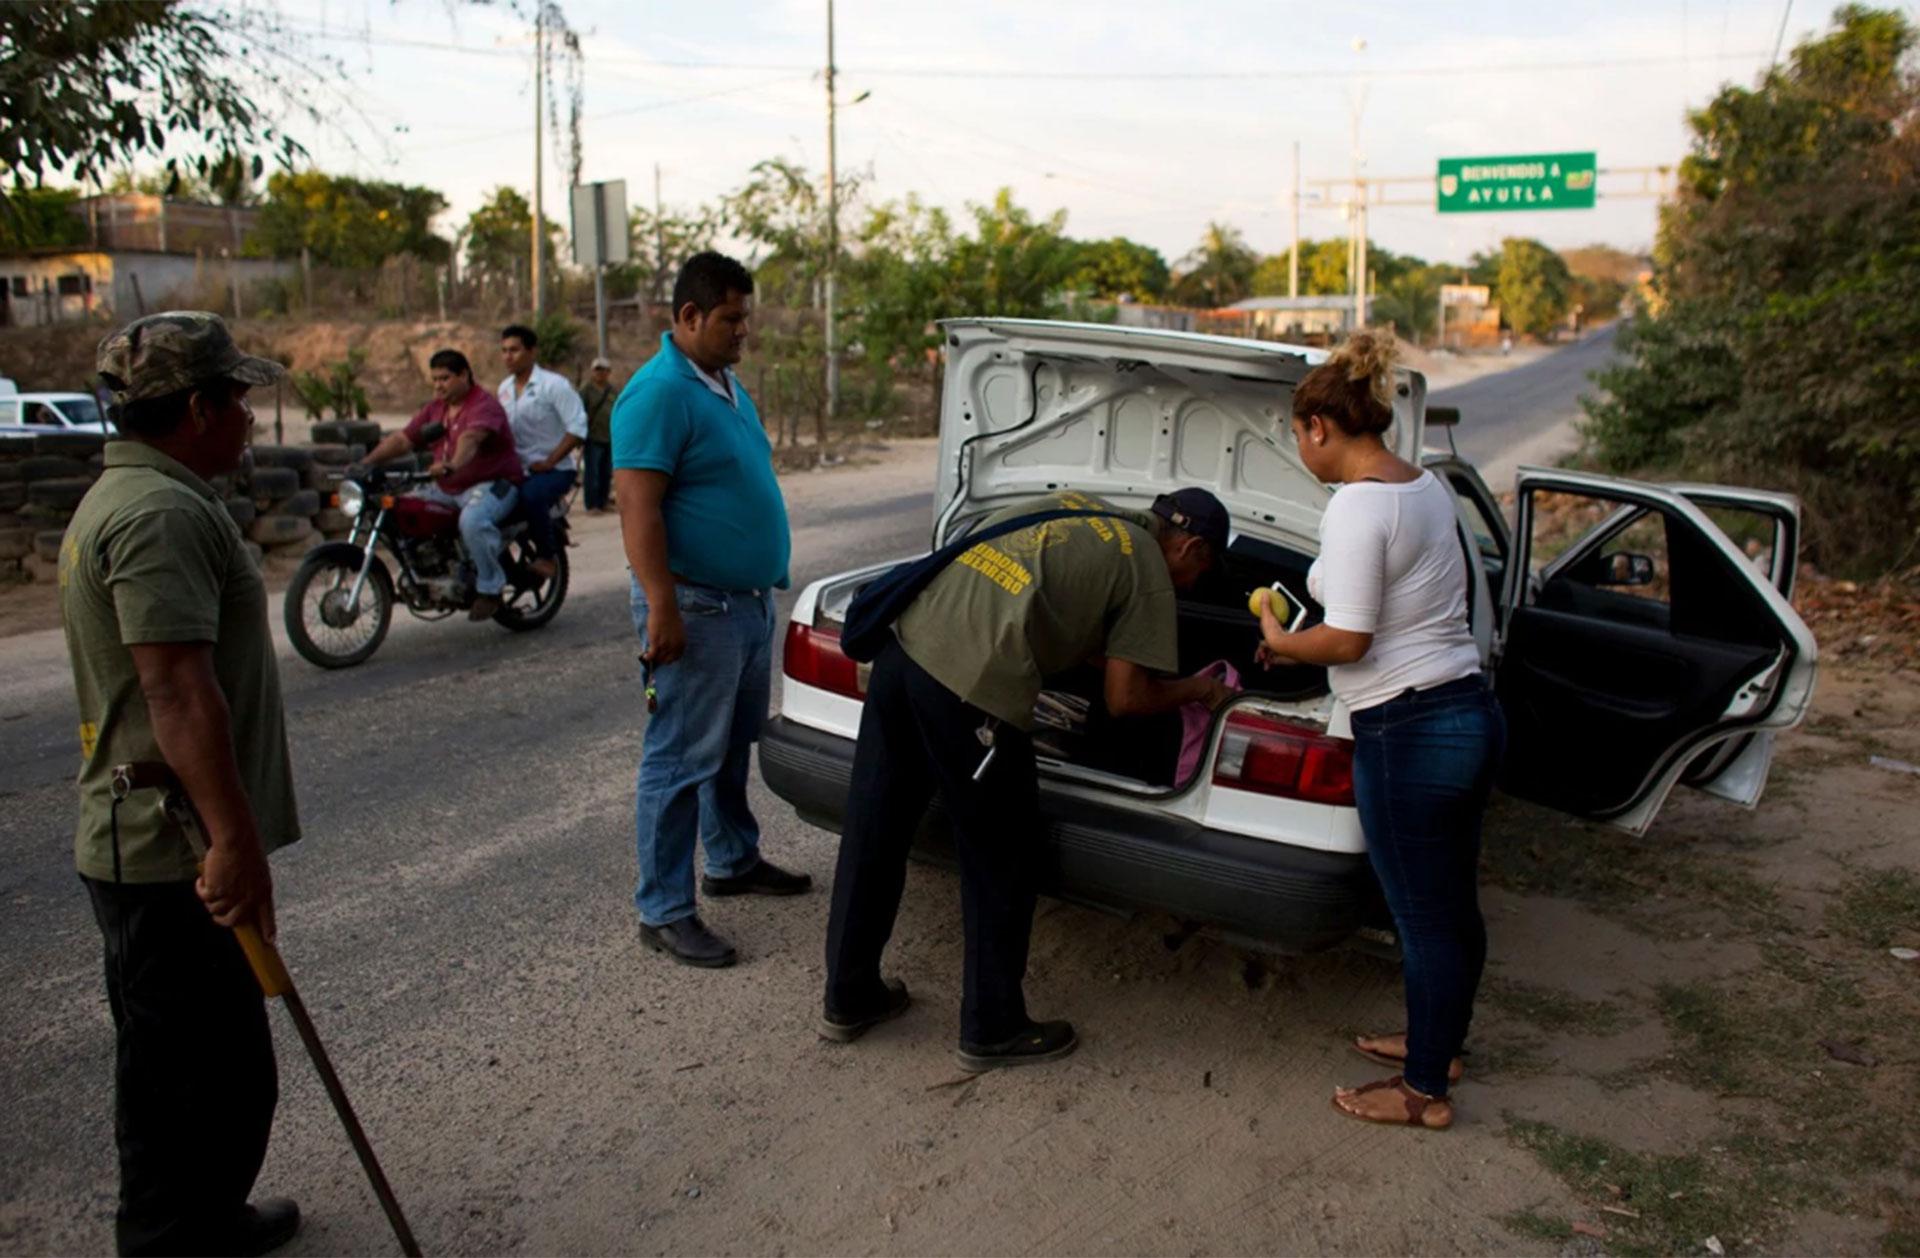 Miembros del grupo revisan la carga de un taxi en un control rutinario por las rutas a las afueras de Ayutla de los Libres